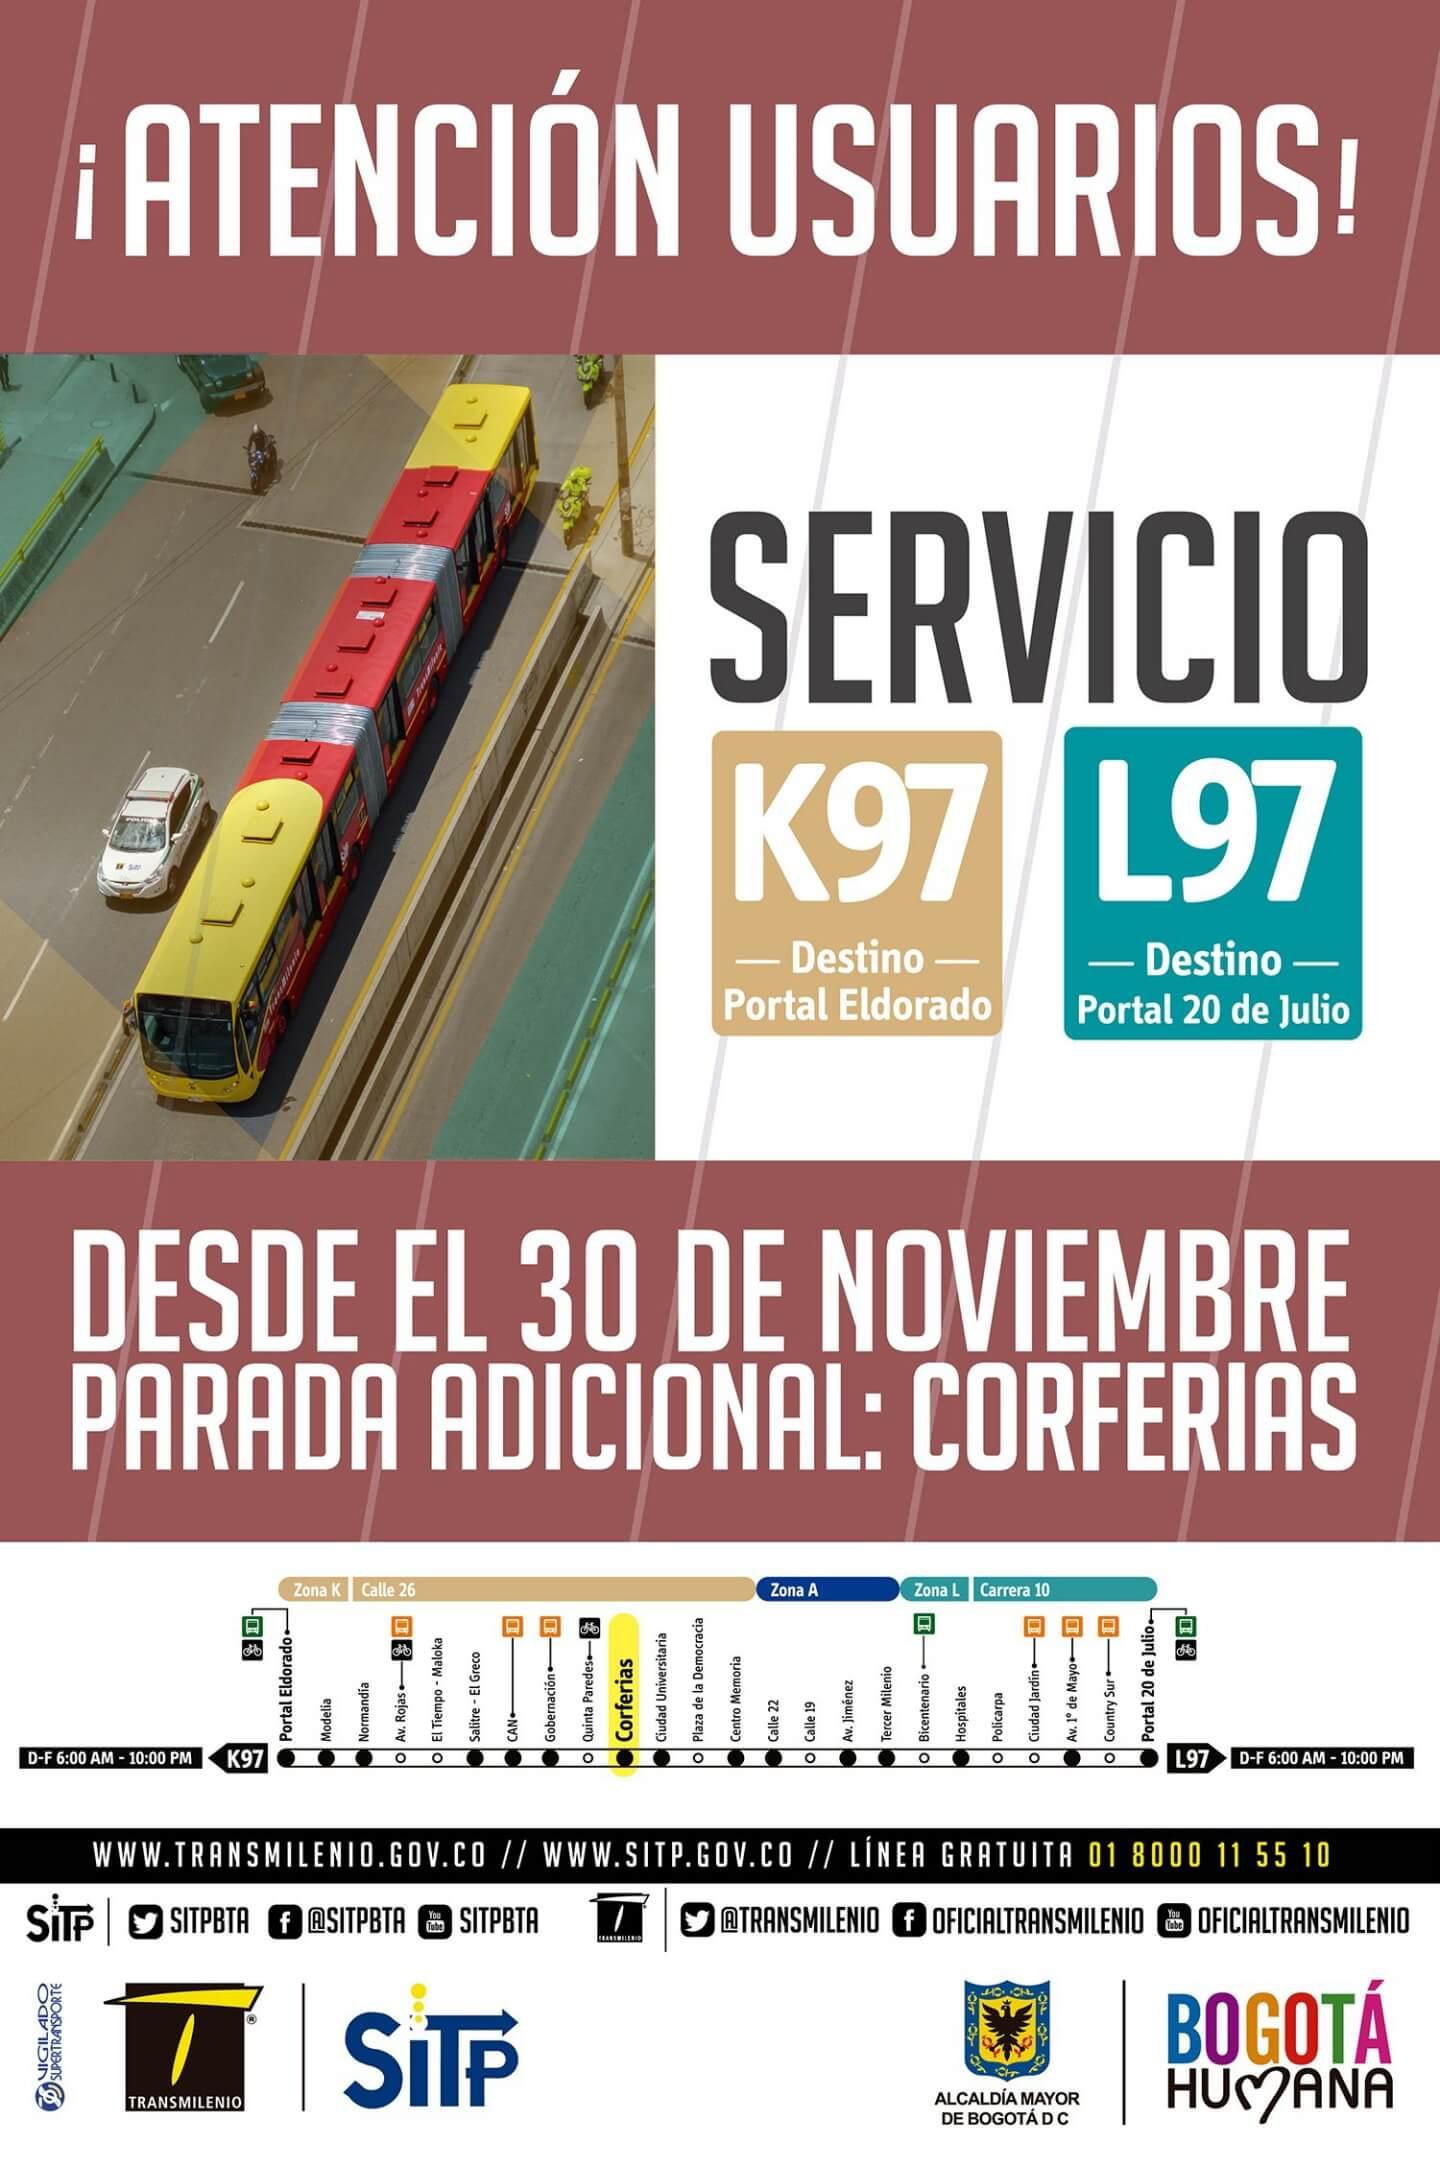 K97-L97_nuevo_parada_Corferias